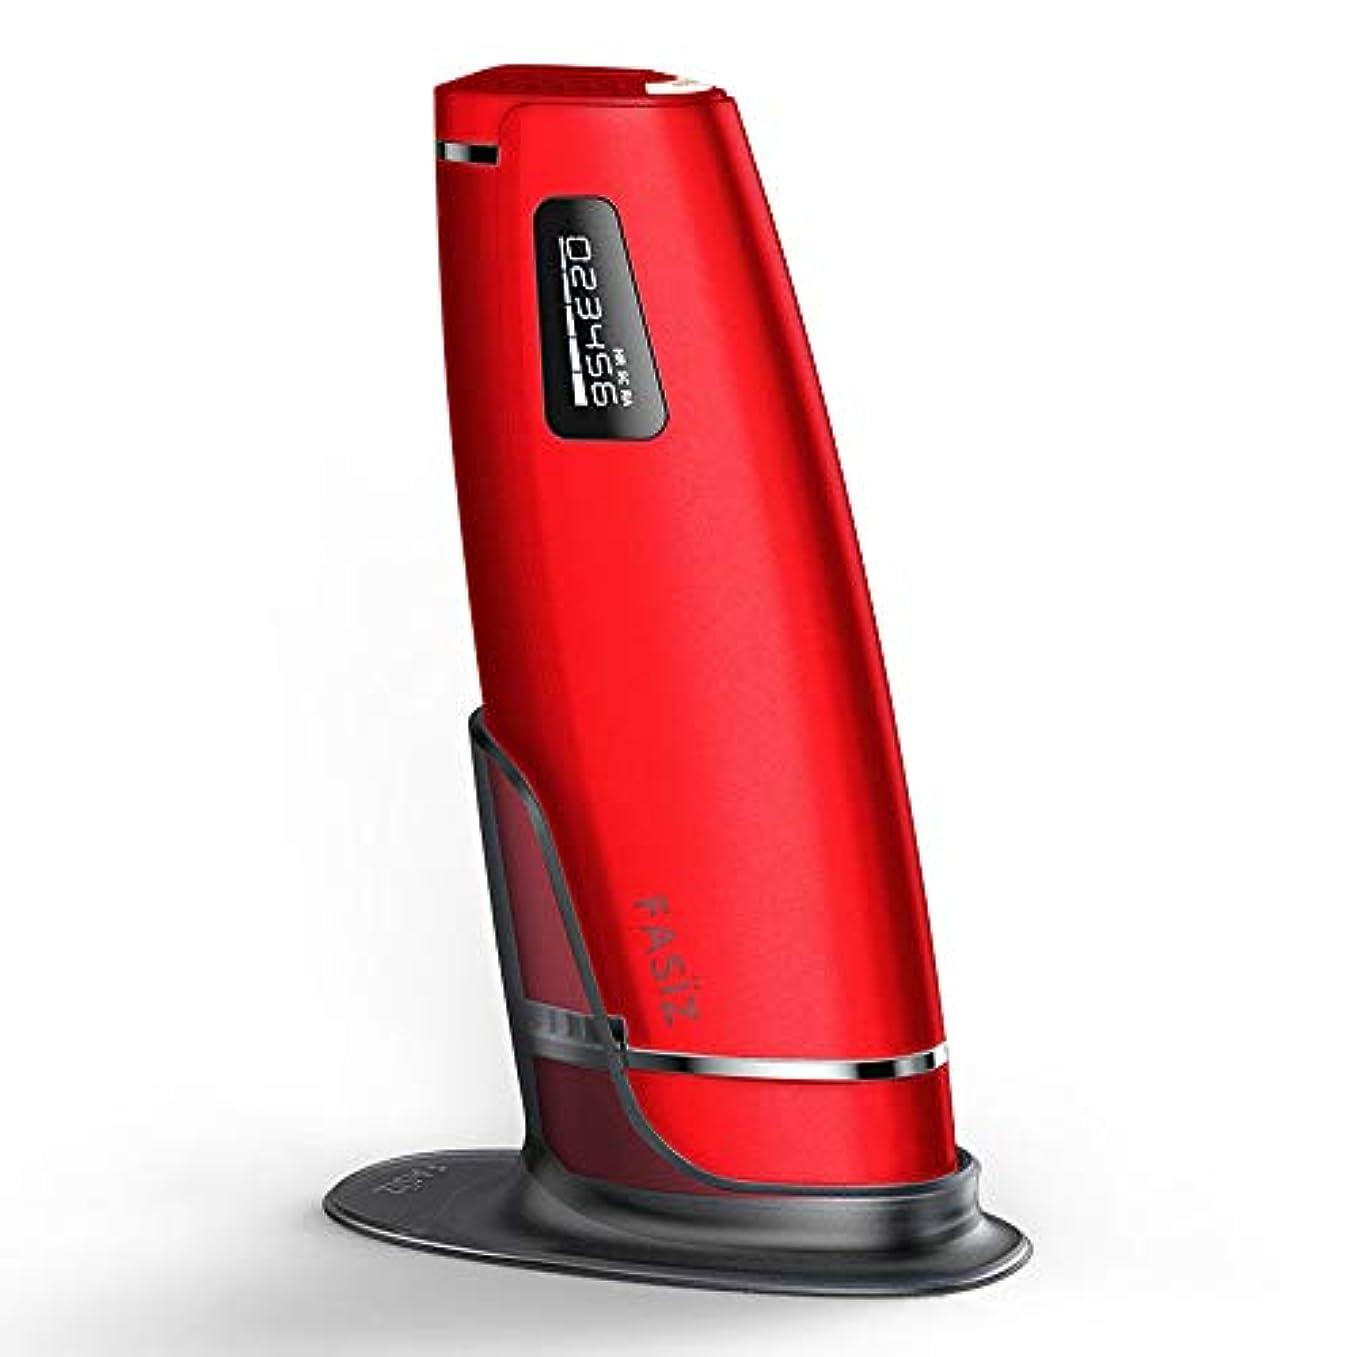 ひまわり締め切り多くの危険がある状況FASIZ 脱毛器 光美容器 シルクエキスパート家庭用脱毛器 IPL技術 肌に優しい45万回照射 15万回美肌 全身用 (レッド)